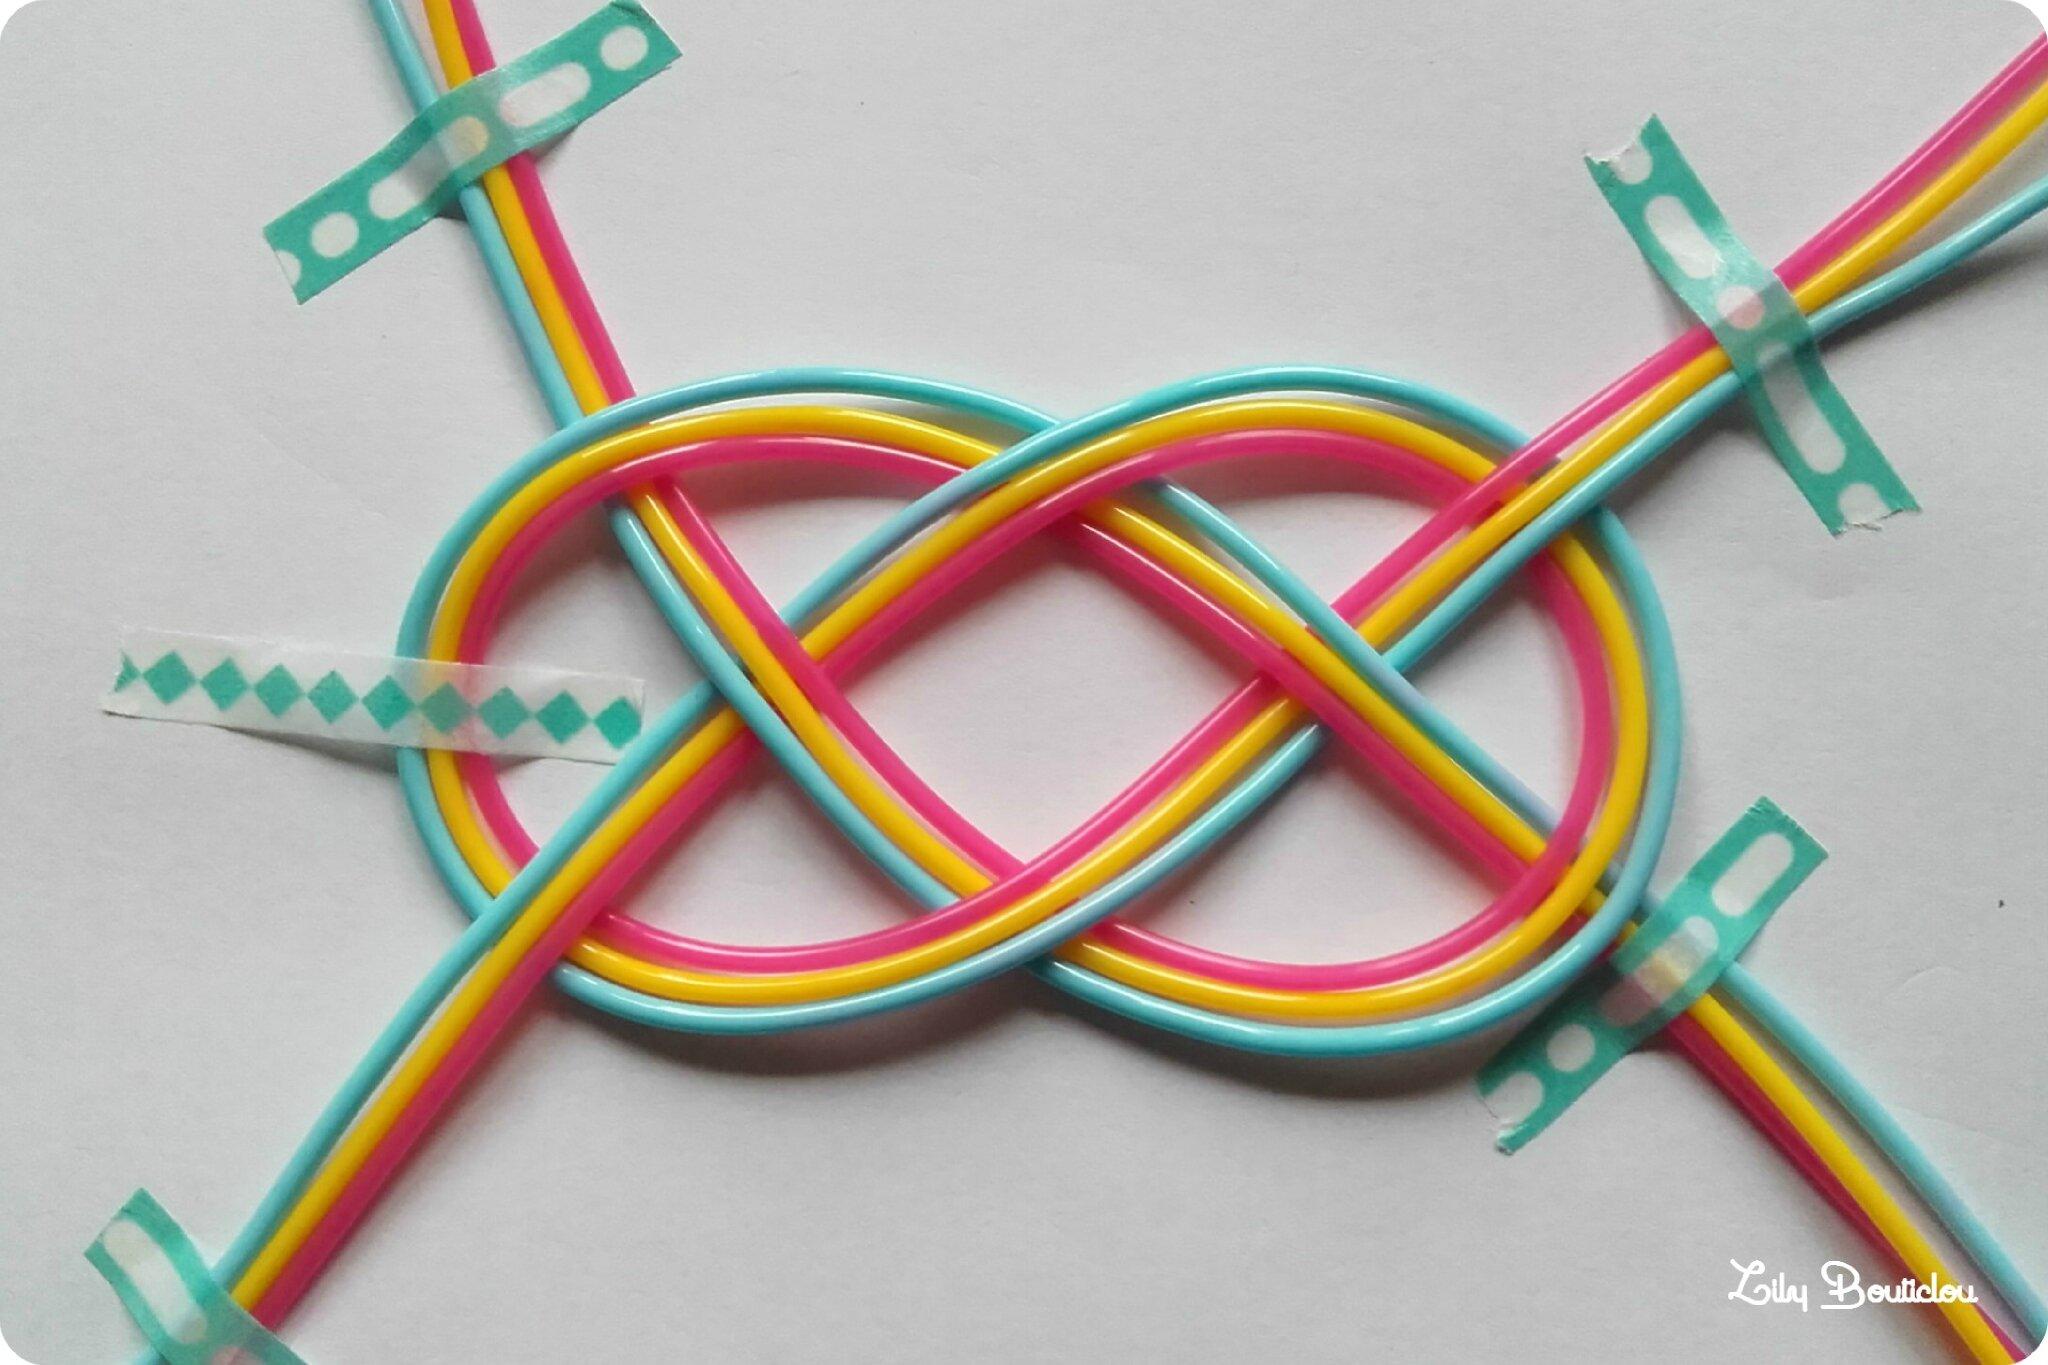 Diy bracelets en scoubidous et noeuds marins lily bouticlou - Comment faire un porte cle en scoubidou ...